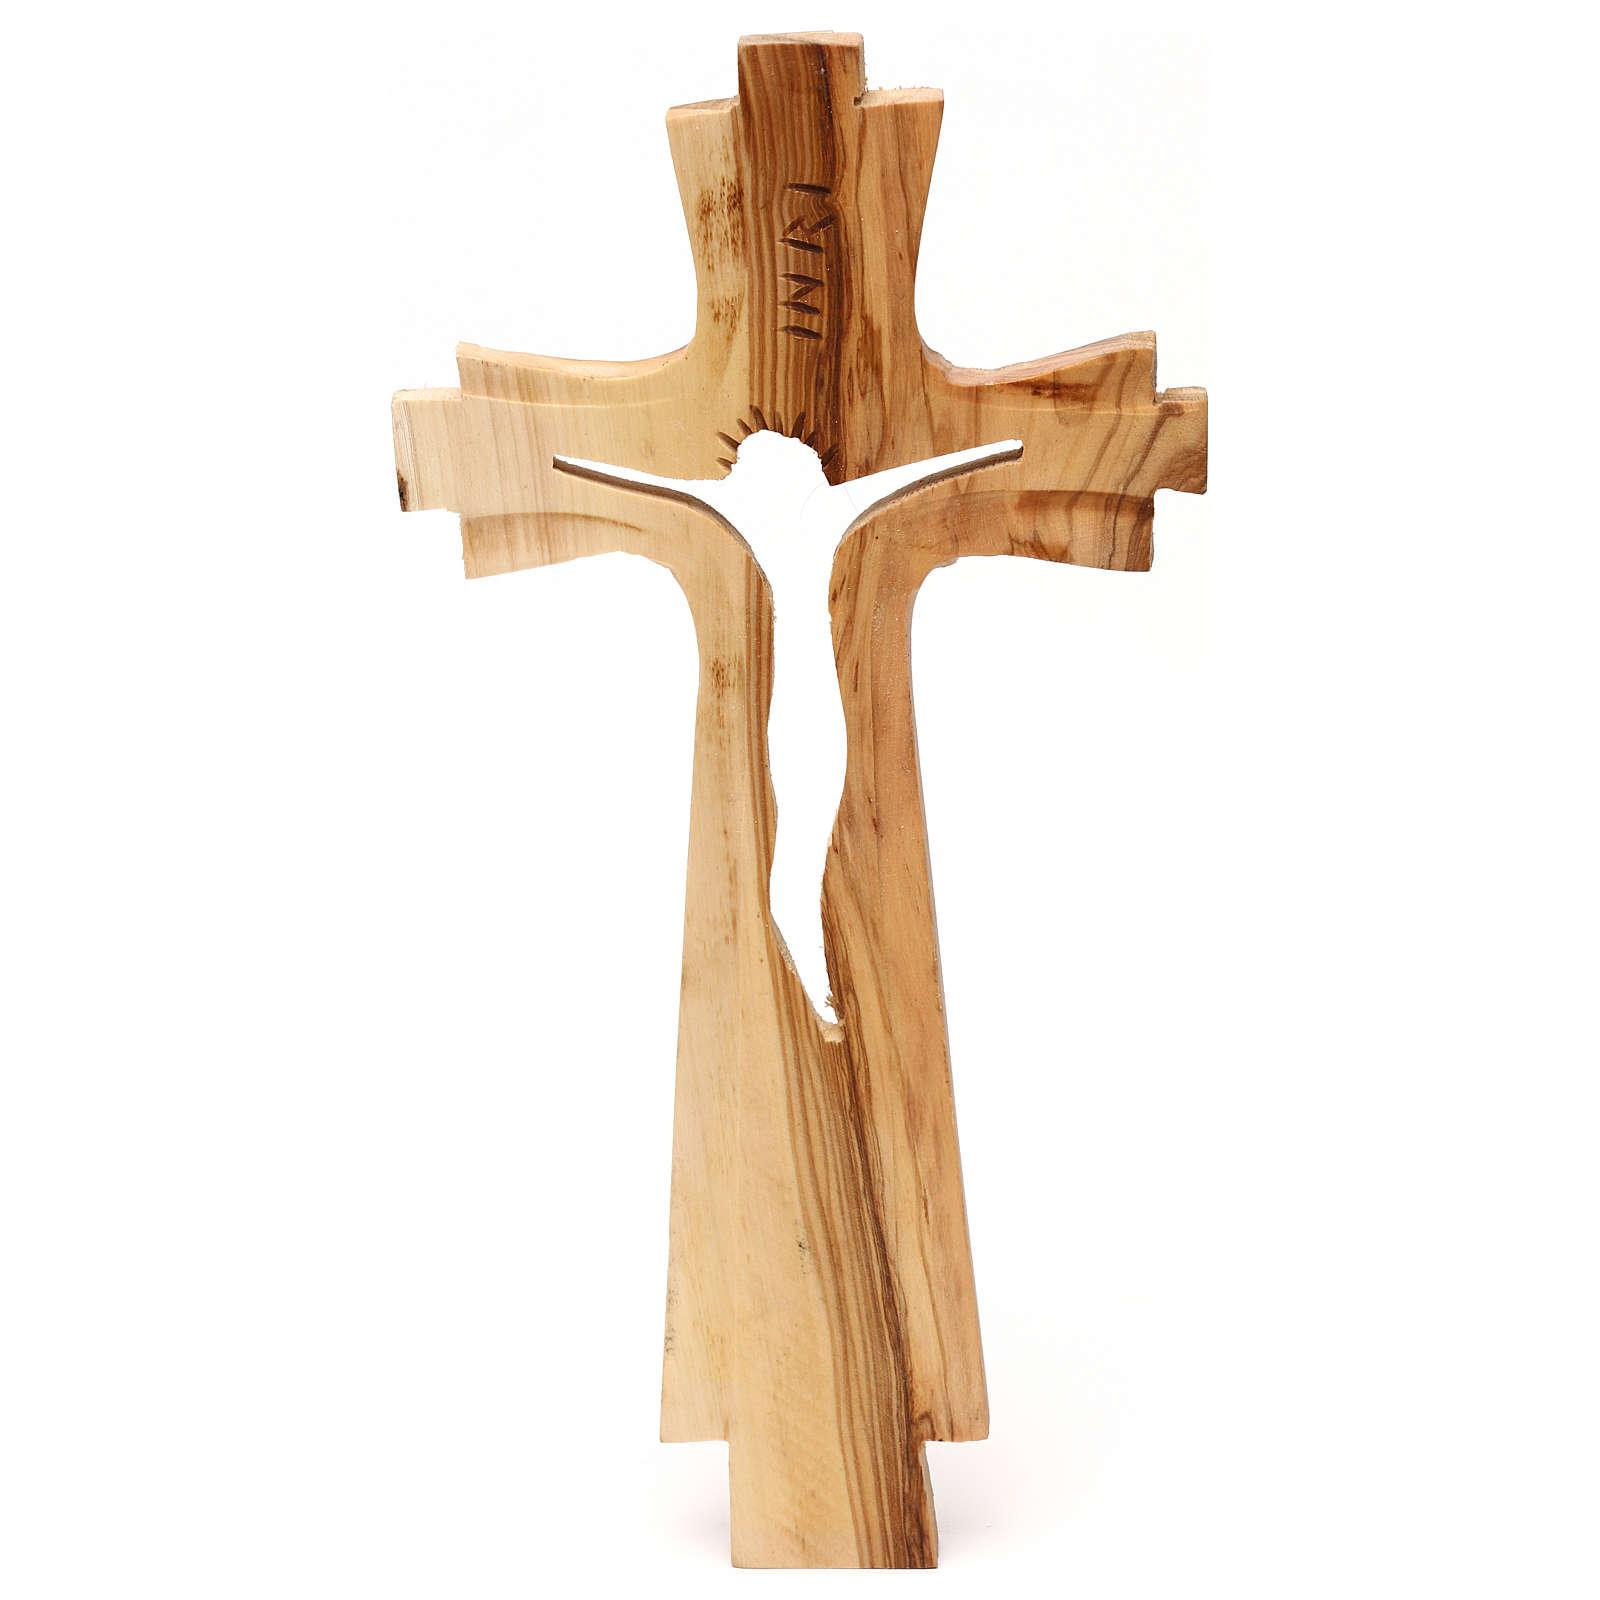 Crocifisso legno ulivo intagliato Medjugorje 25x13 cm 4